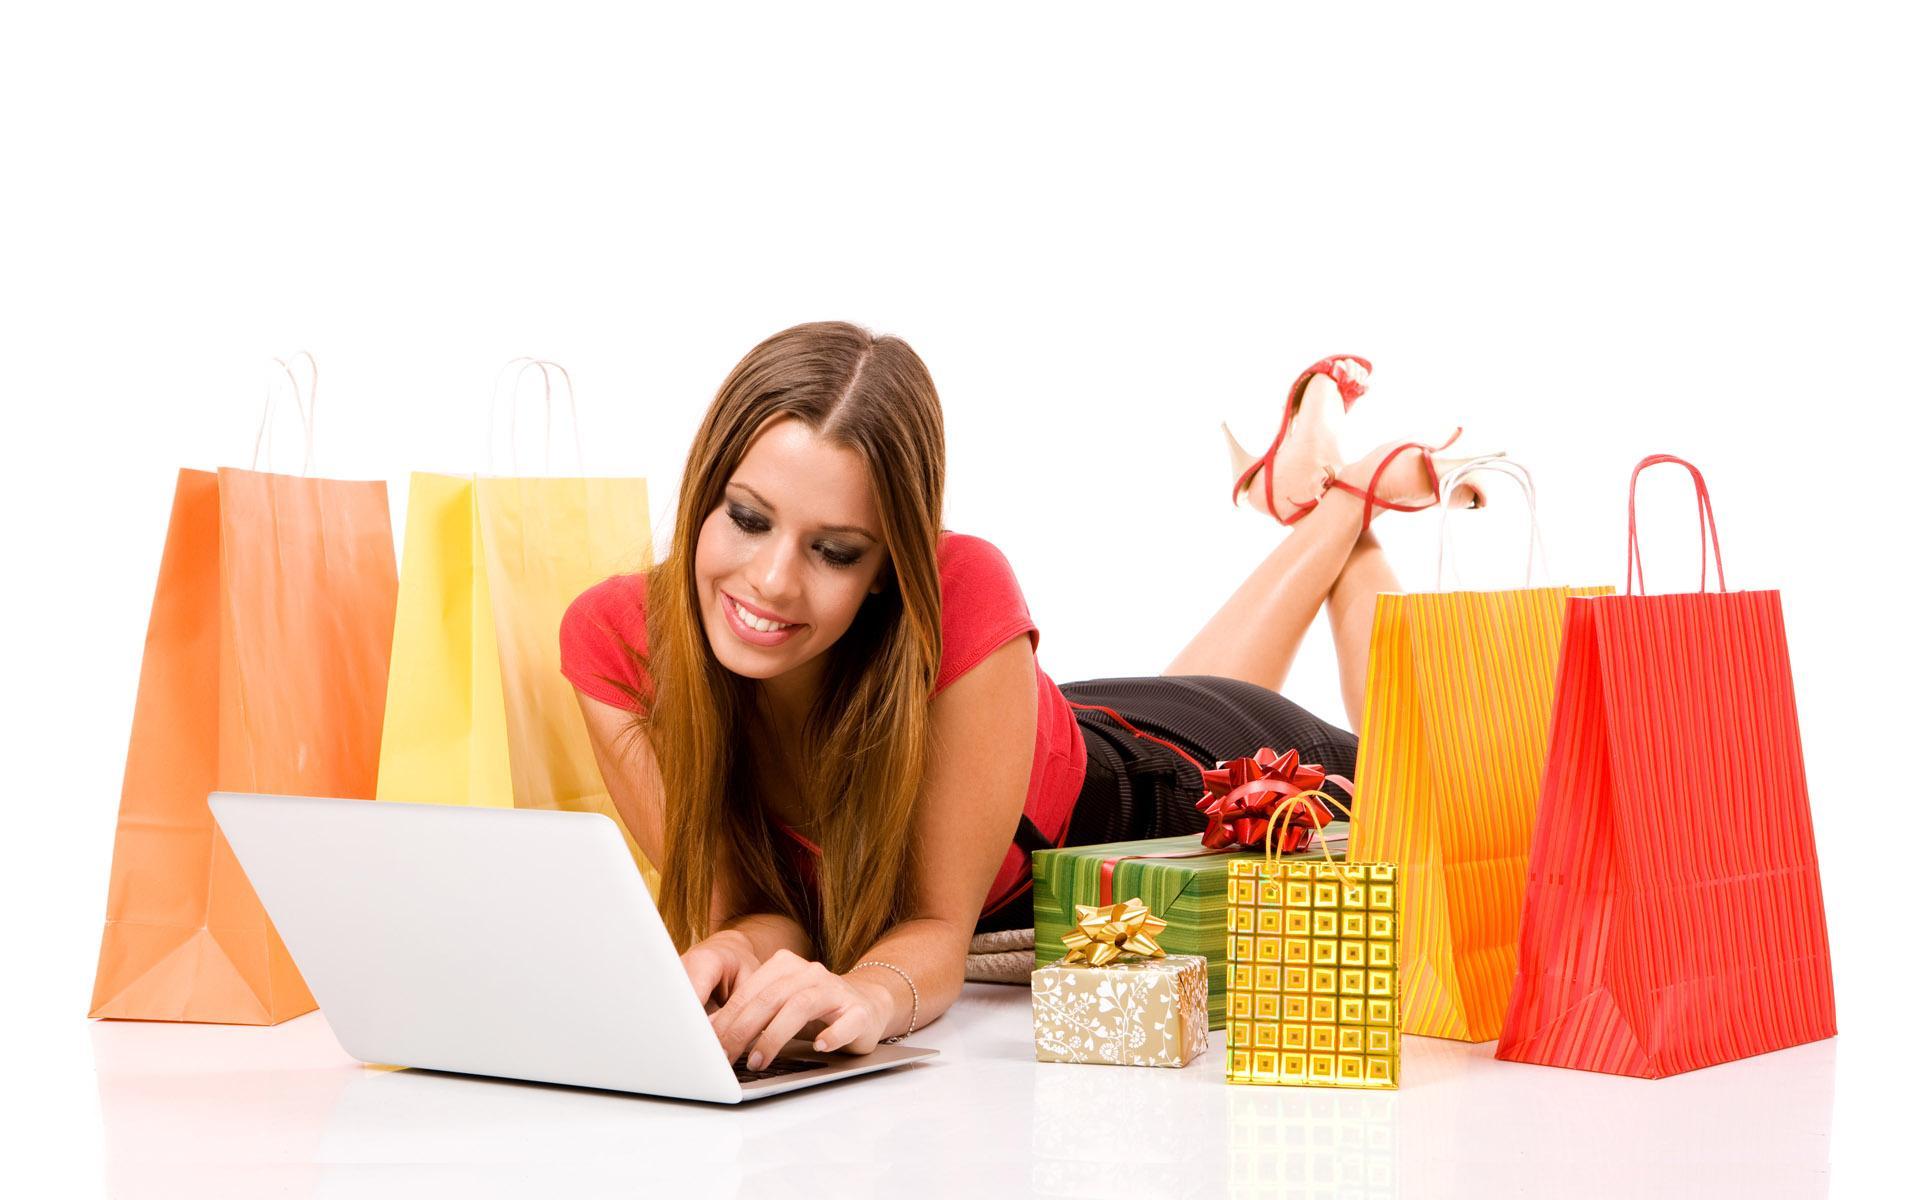 mujer joven comprando online